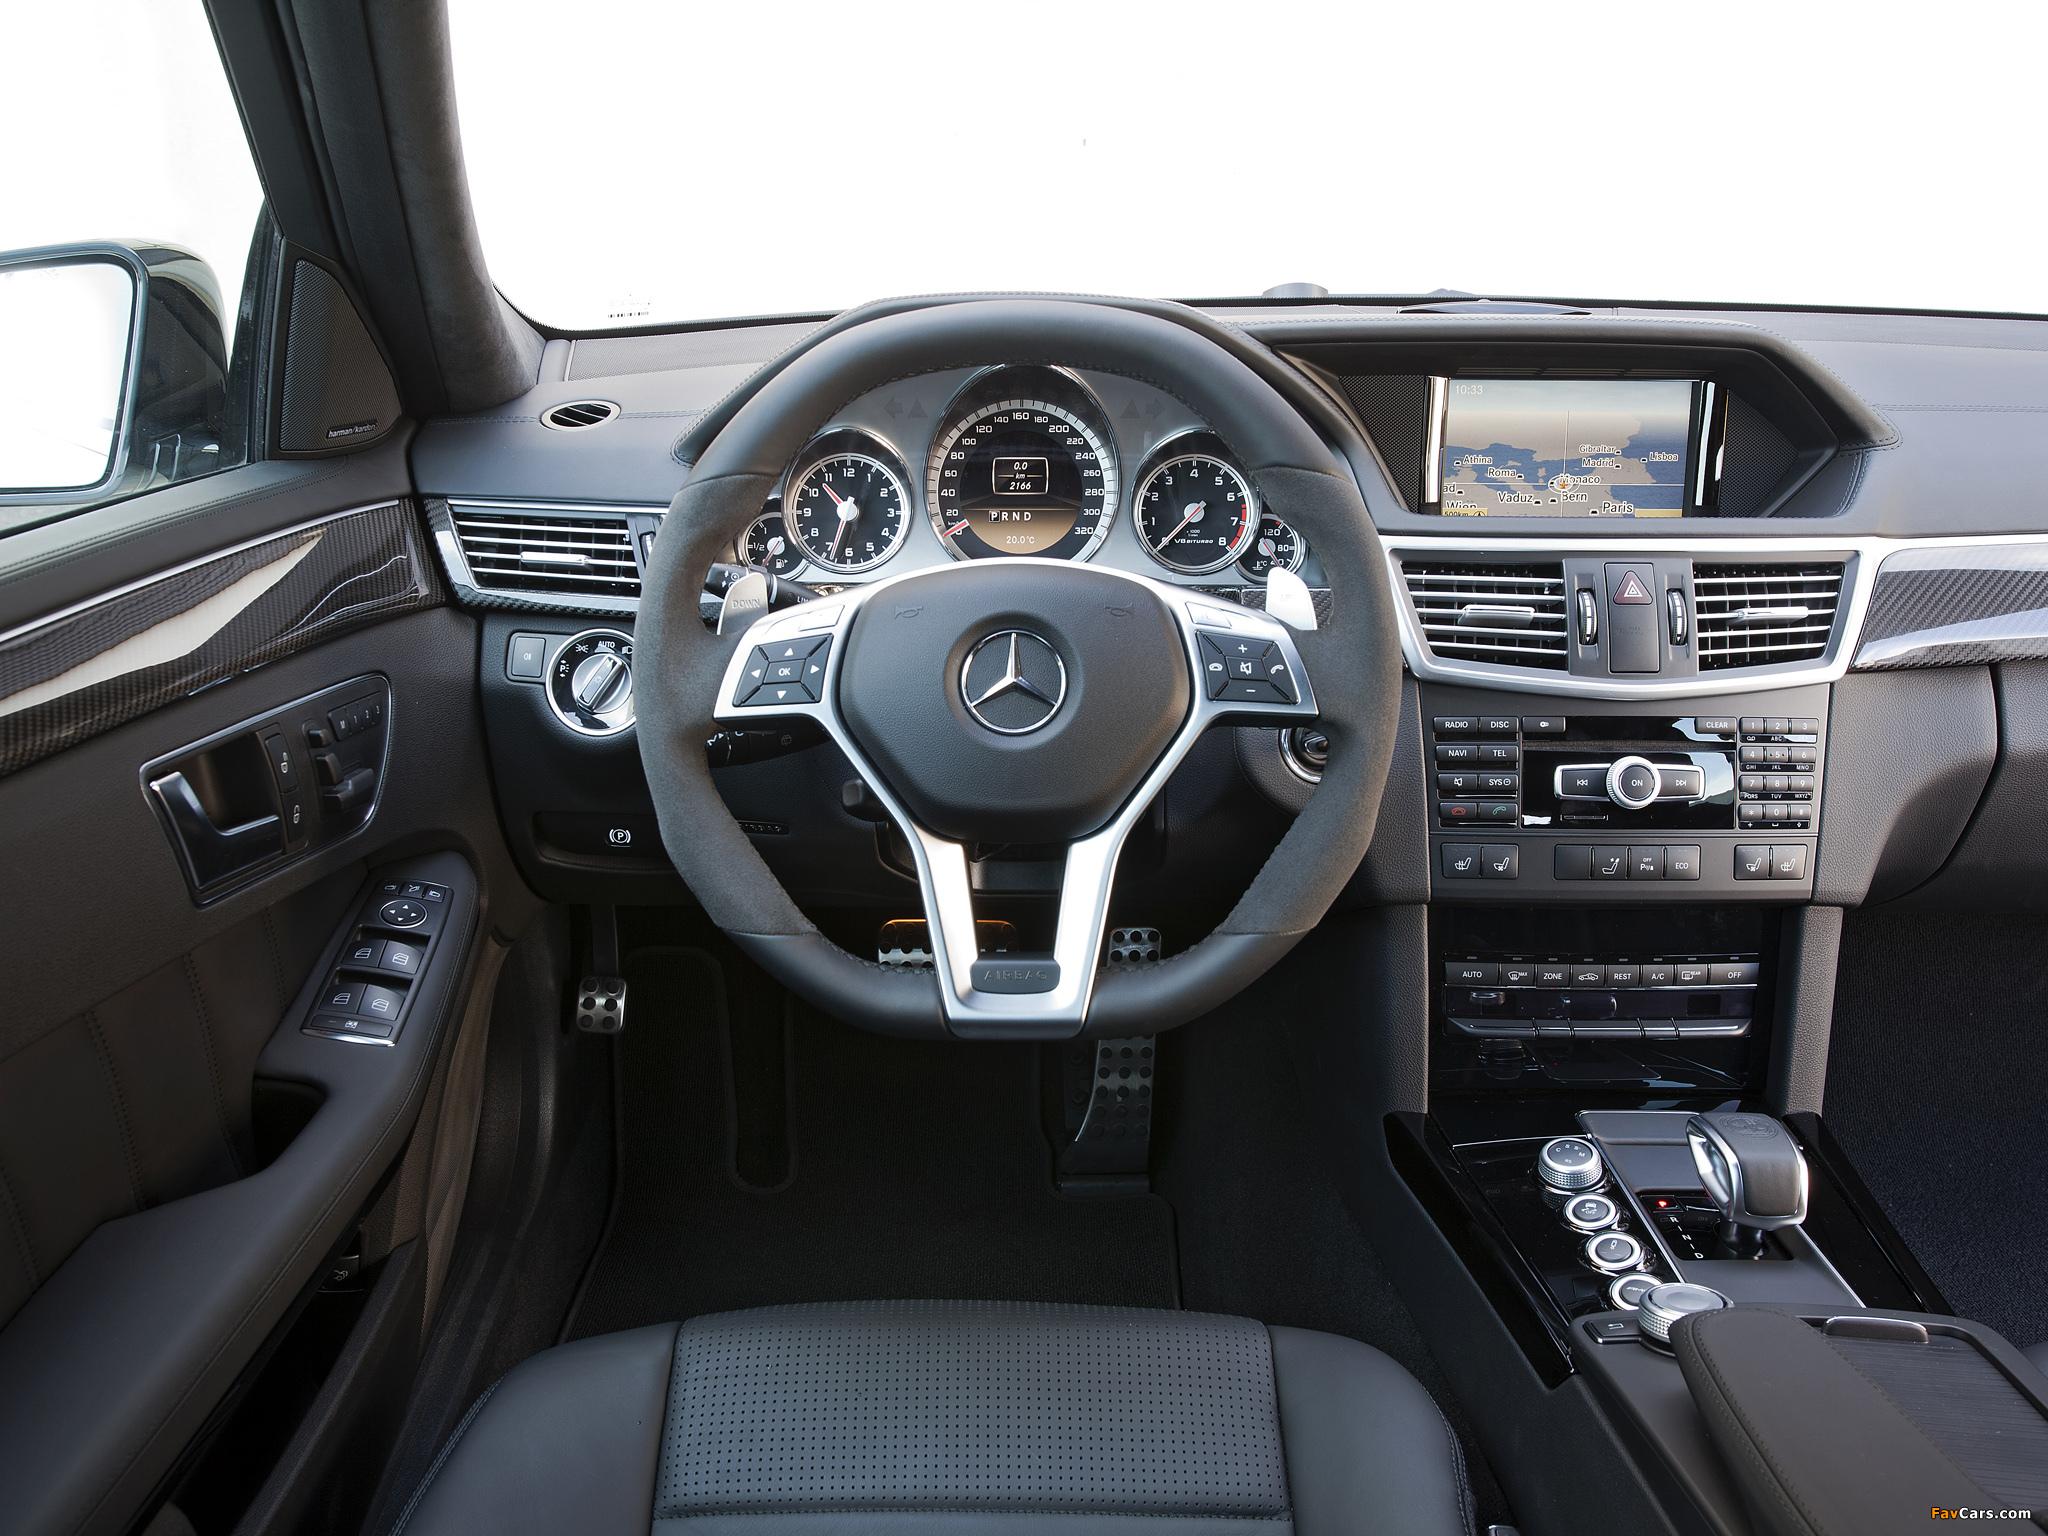 Можно ли установить подстаканники спереди в Mercedes E-Class (W212) рестайл